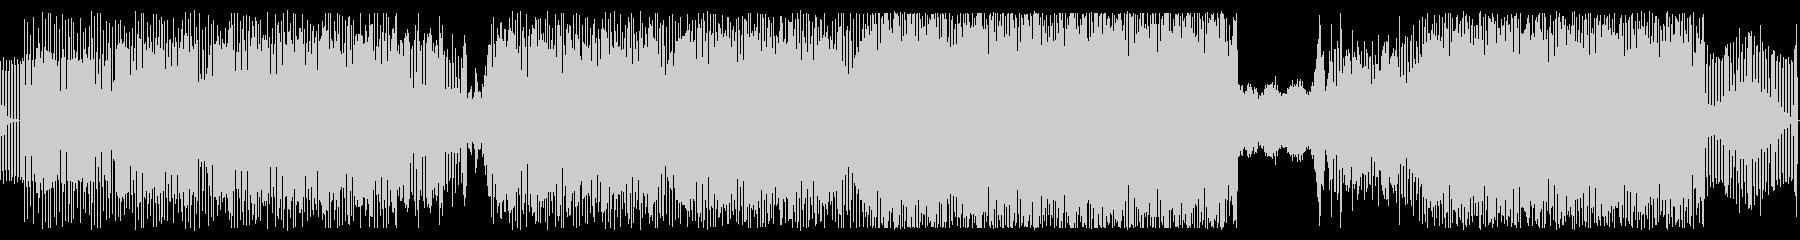 シンセSEQのきれいなテクノの未再生の波形